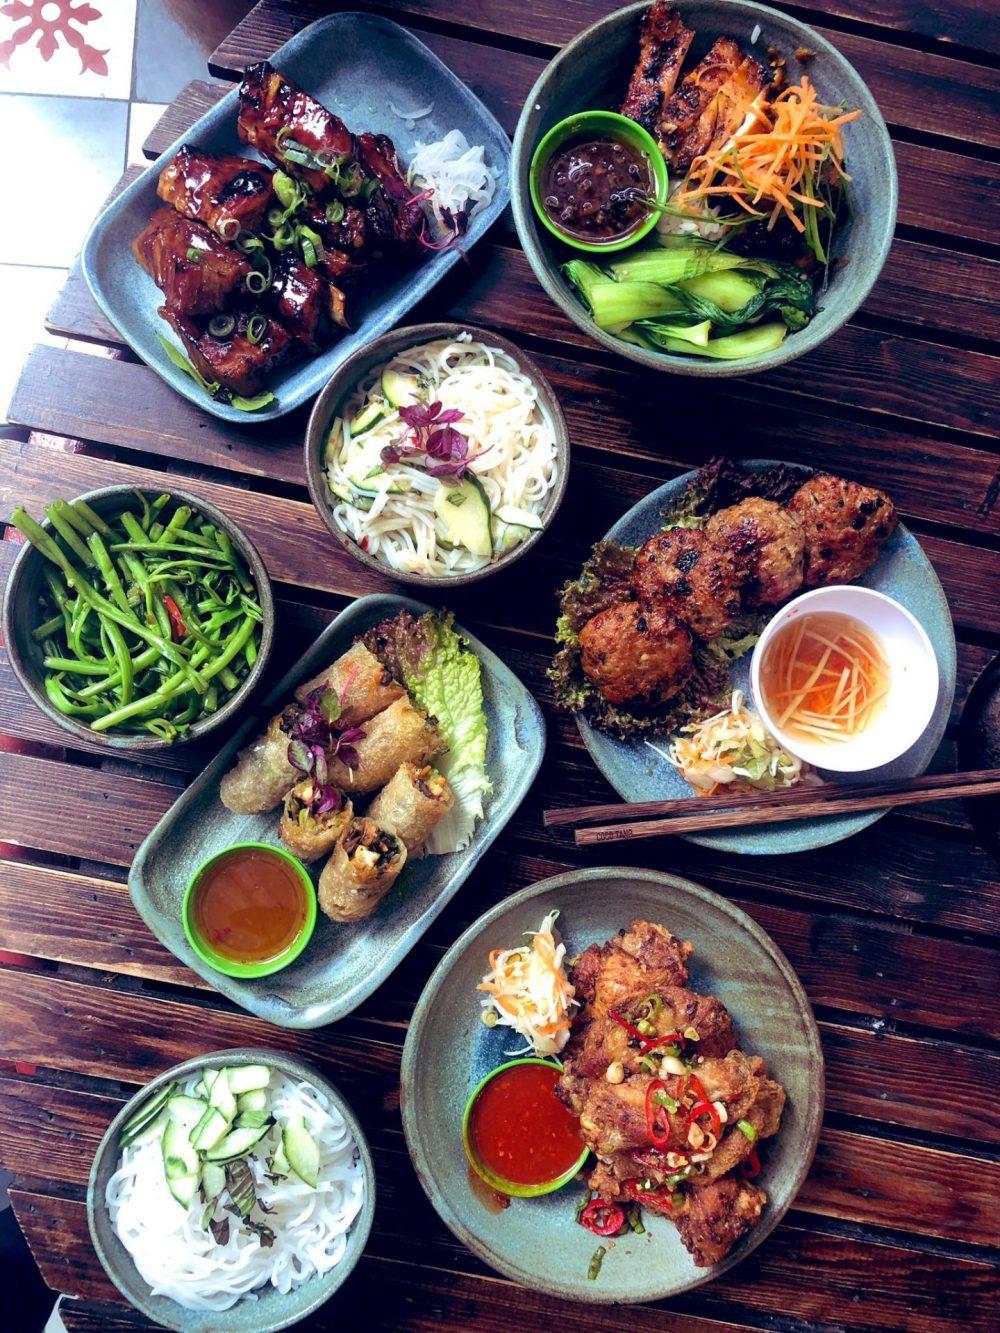 Food at Cafe Coco Tang